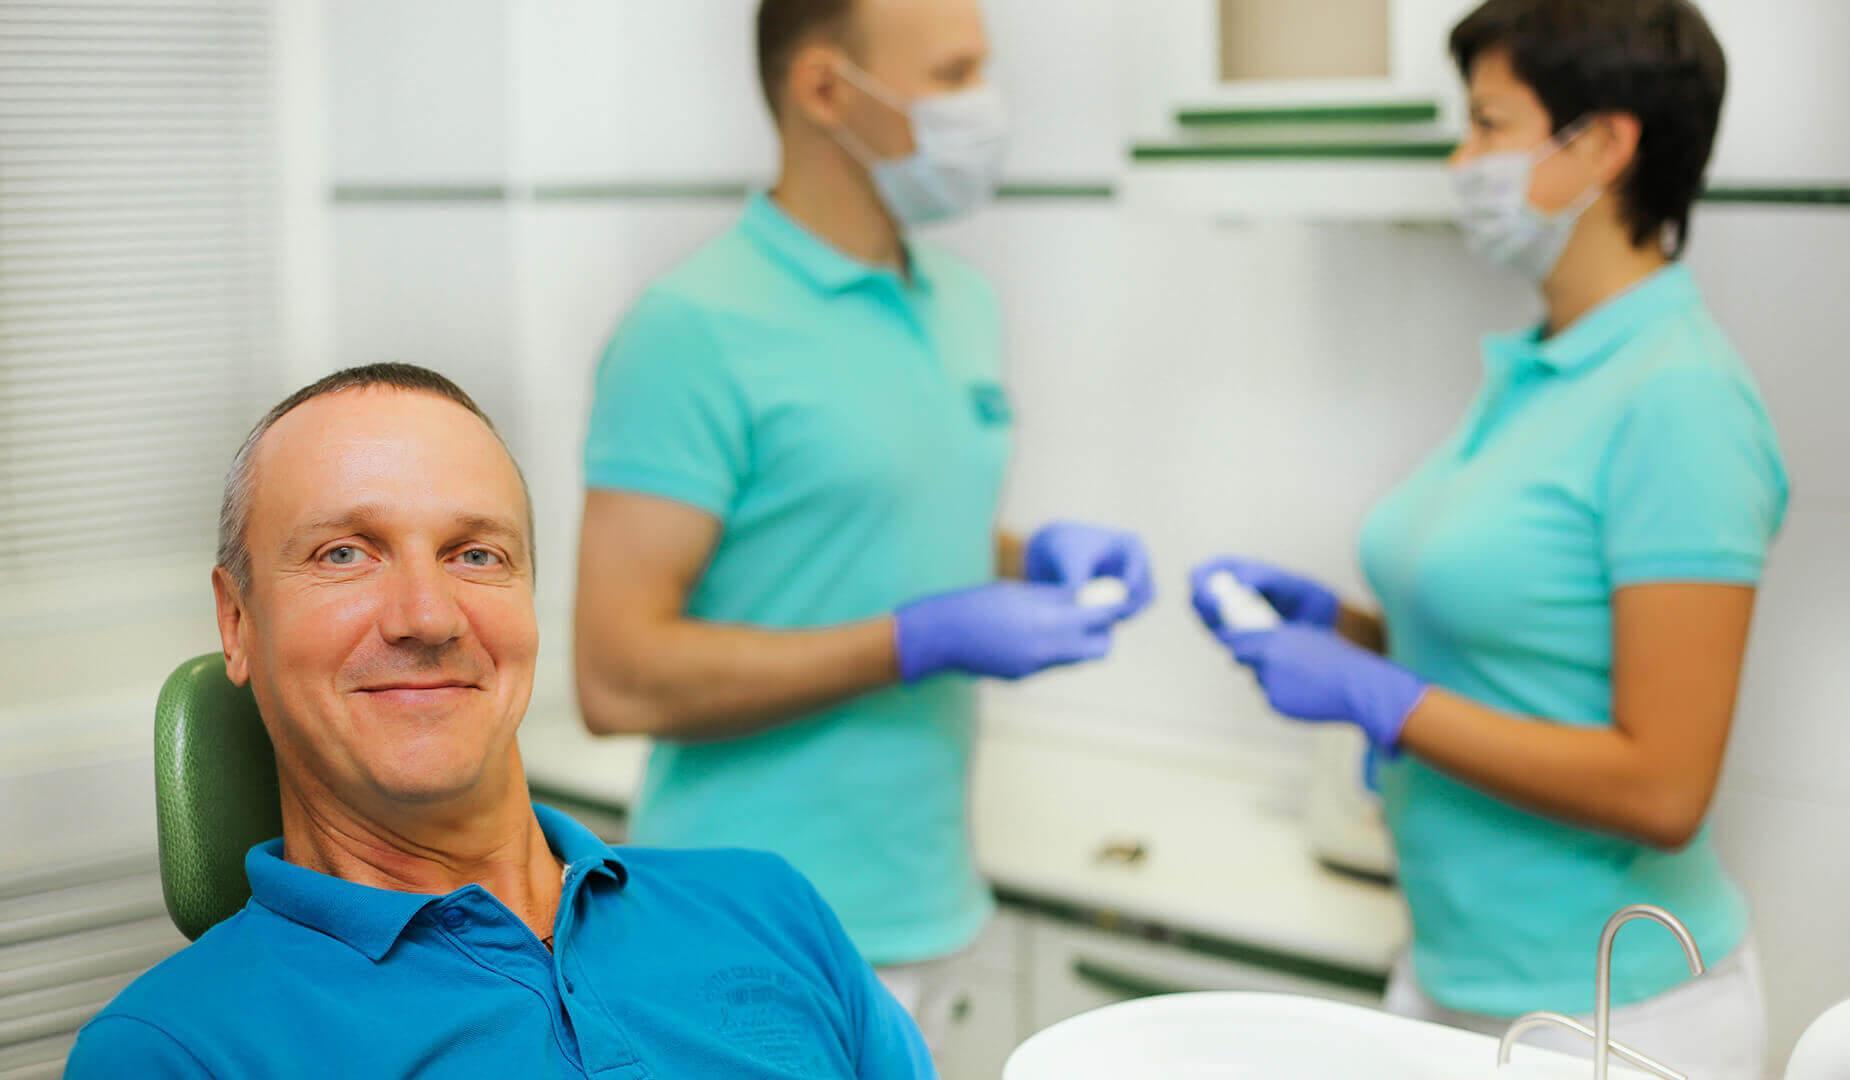 Пациент улыбается в кресле стоматолога